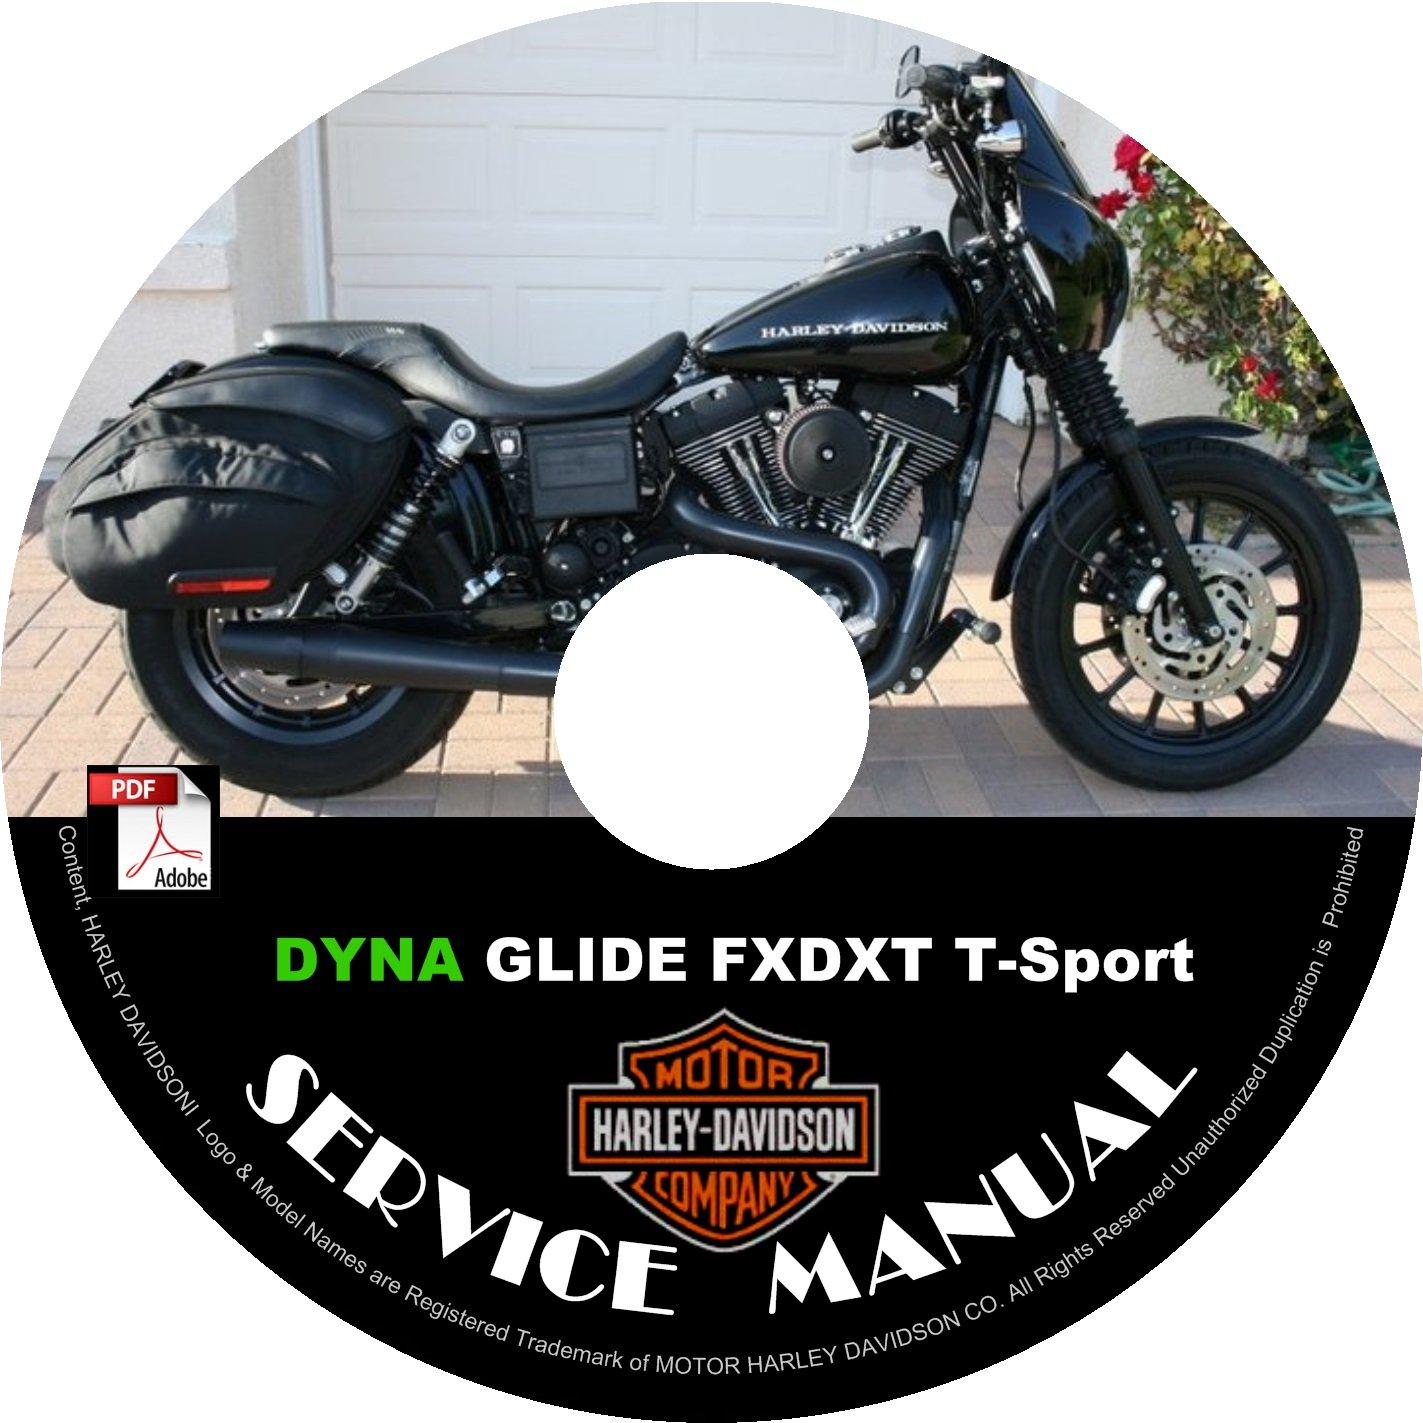 2005 Harley Davidson DYNA GLIDE FXDXT T-Sport Service Repair Shop Manual on CD Fix Rebuild Workshop